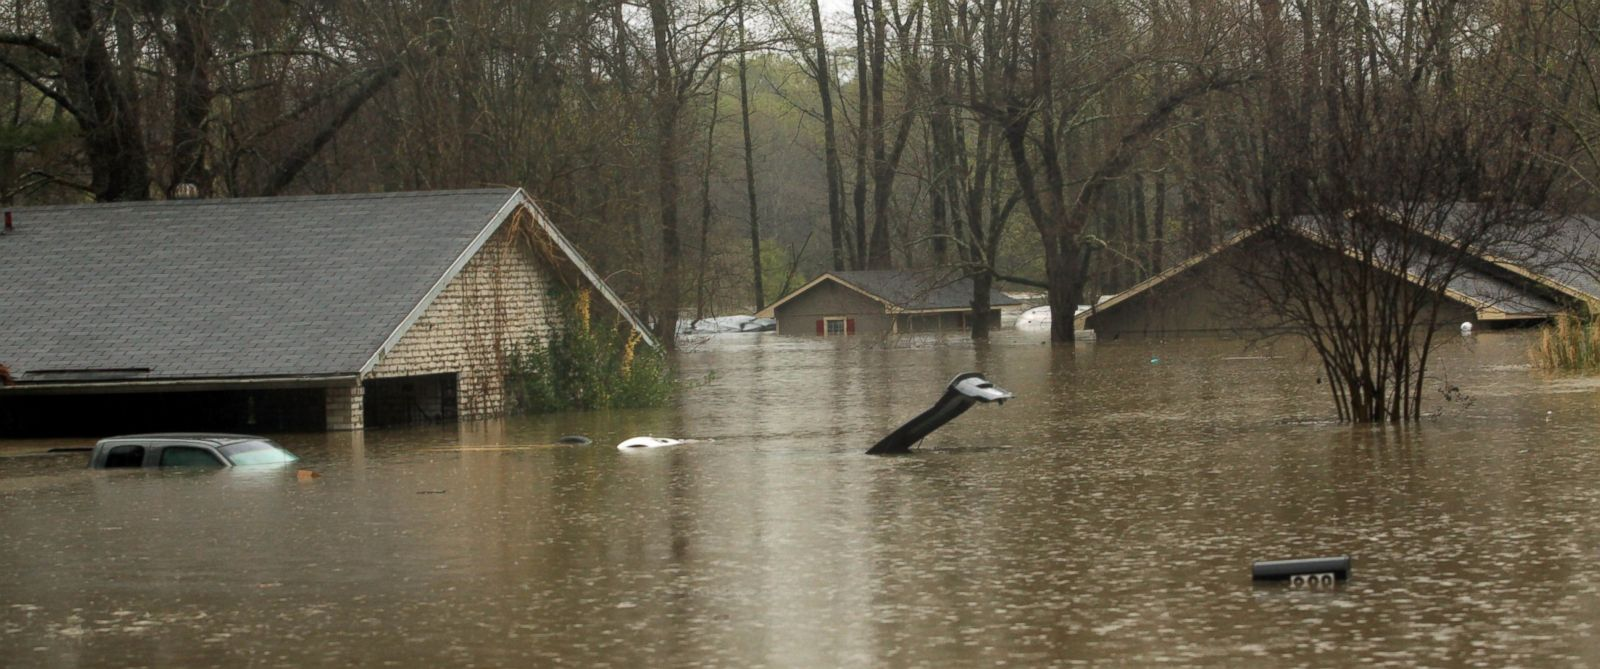 CHARITIES COGIC faz doação $ 50.000 para as vítimas das enchentes em LOUISIANA